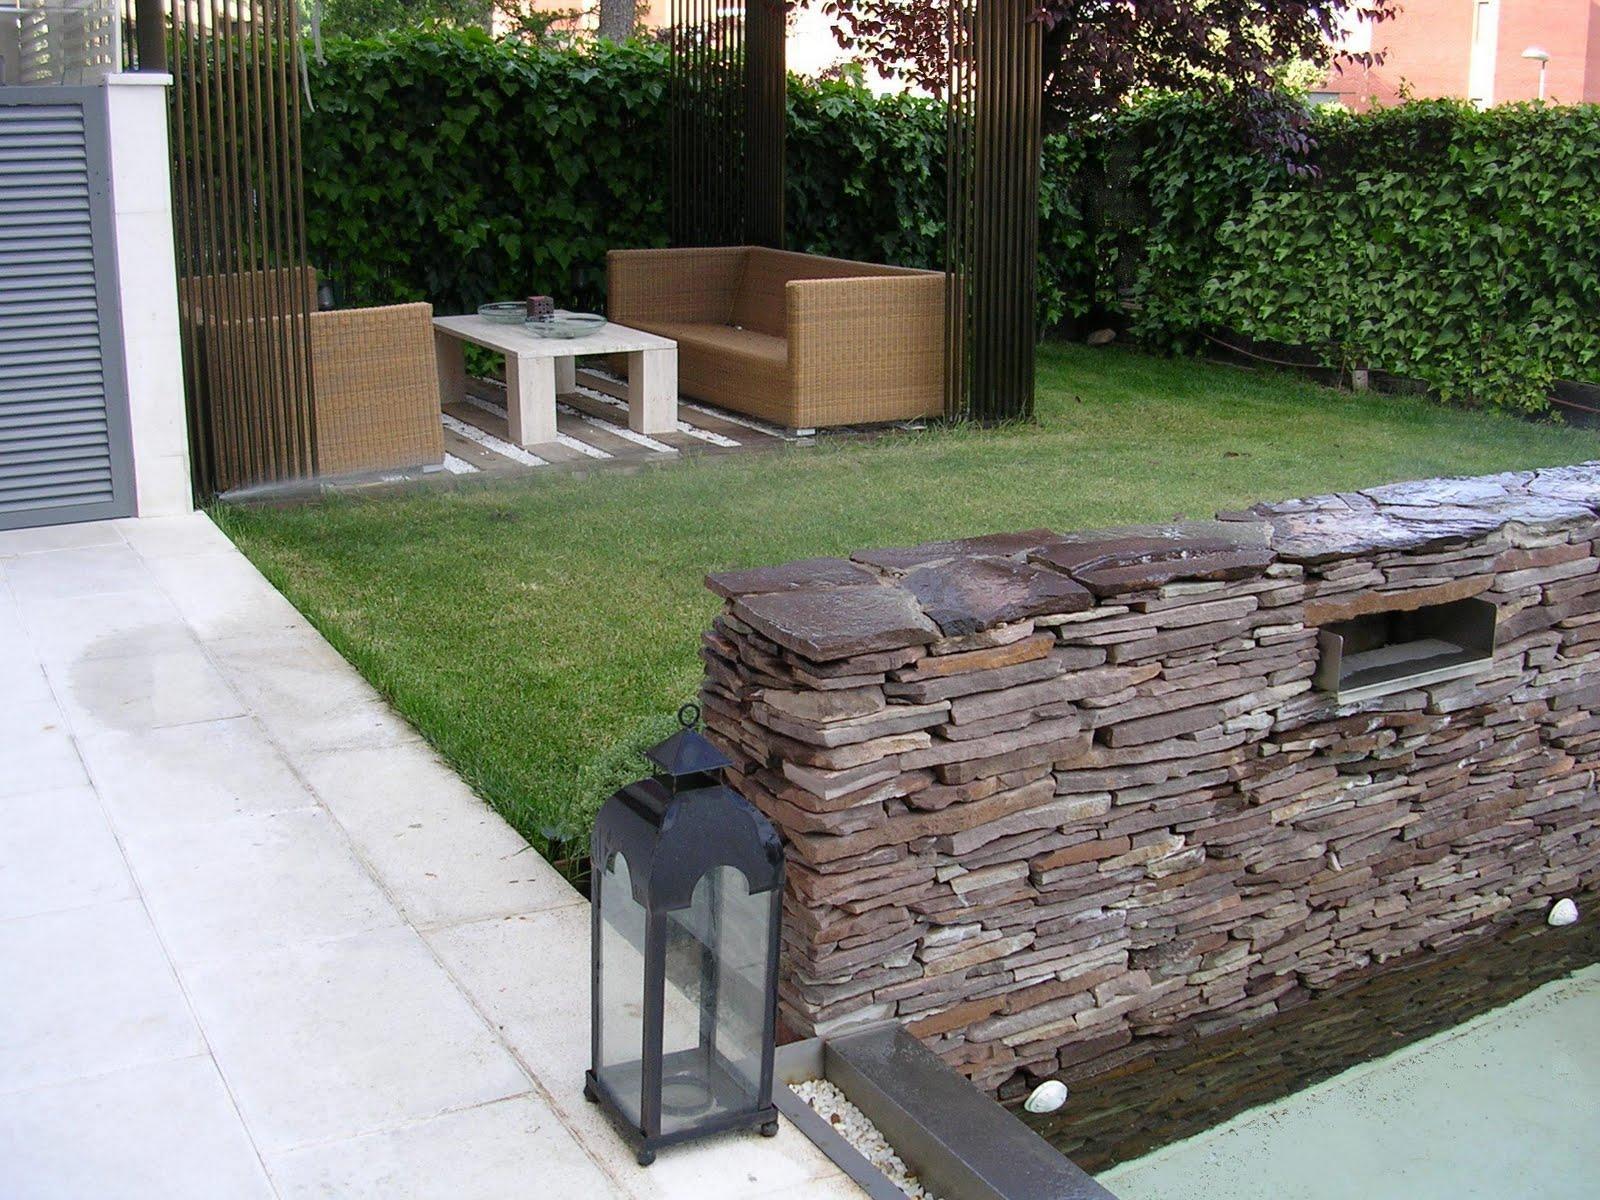 Arbustum jardines exteriores su idea nuestro dise o for Jardines disenos exteriores